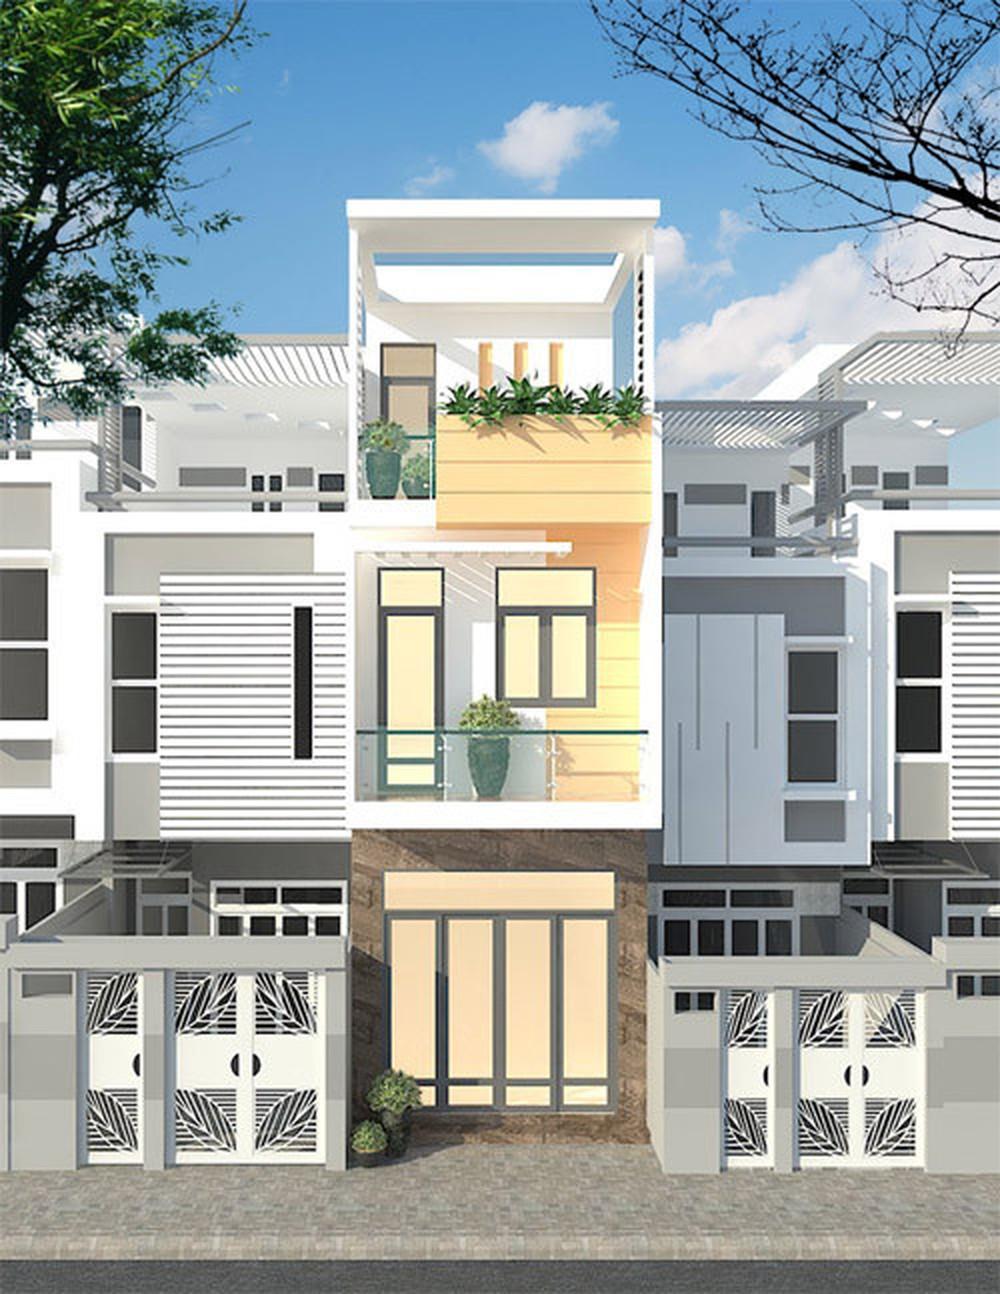 Với từng gia đình, từng kiến trúc nhà sẽ có công năng sử dụng sân thượng và mục đích khác nhau